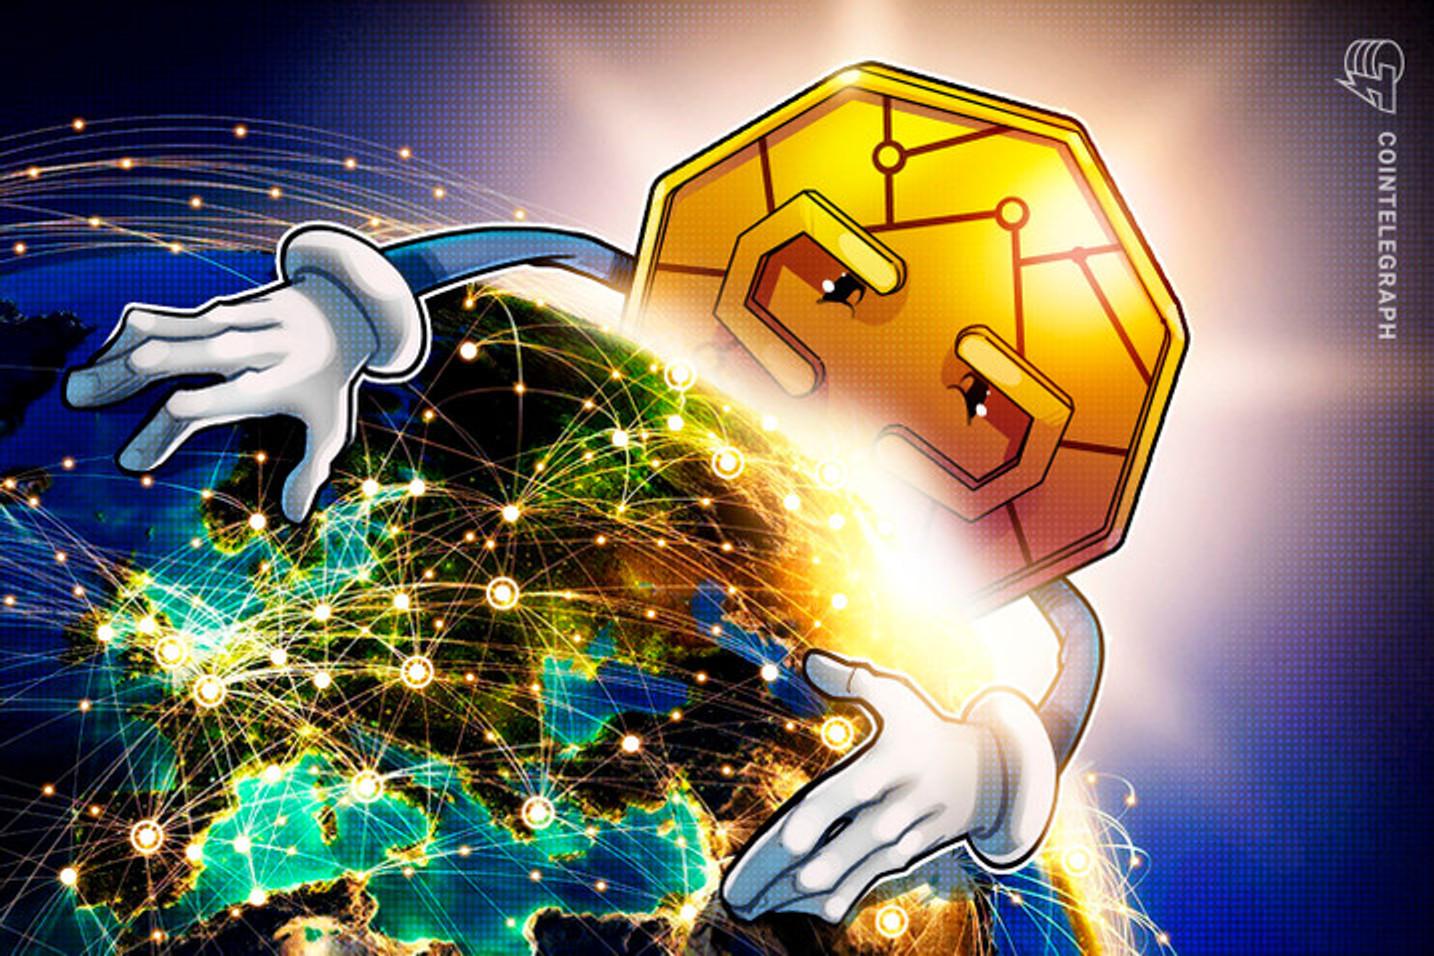 Paxful alcanzó los seis millones de usuarios y un volumen de transacciones de cinco mil millones de dólares a nivel mundial